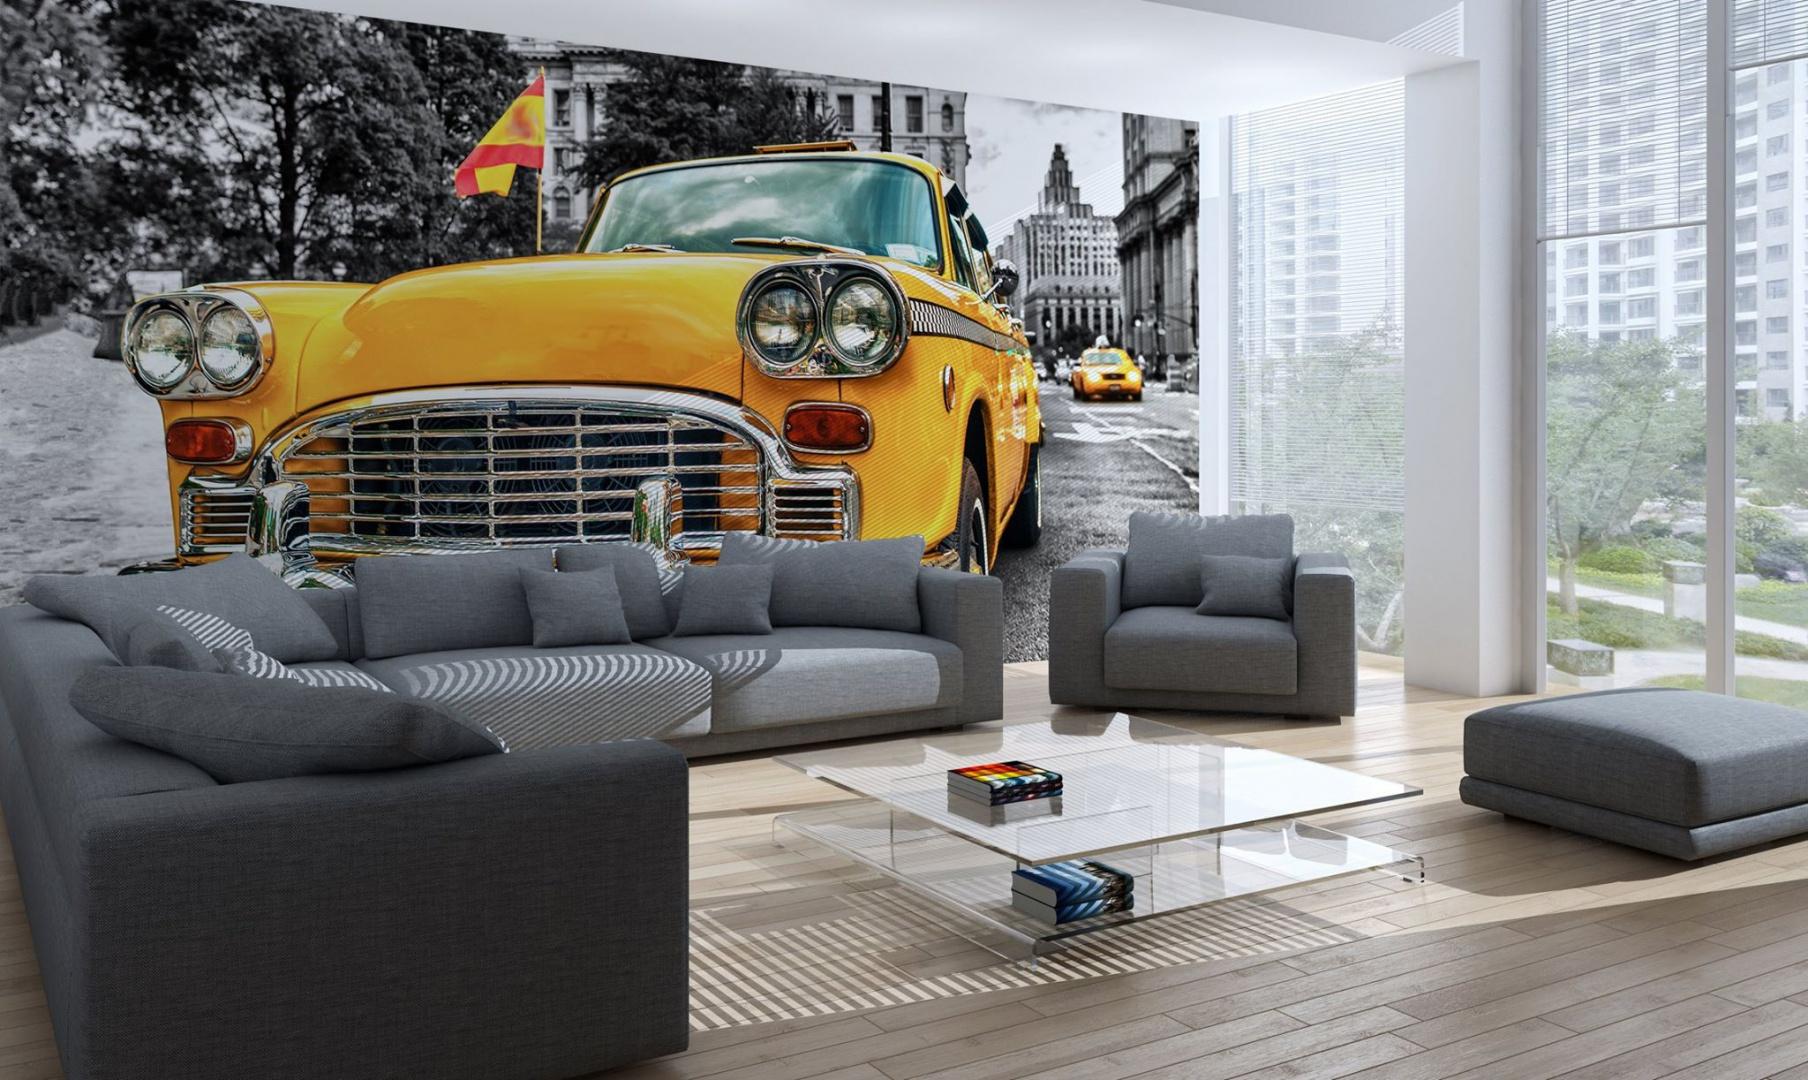 Salon zdominowany przez szarości ożywia mocno zółty element w postaci kolorowej taksówki na czarno-białym tle fotografii. Fot. Minka